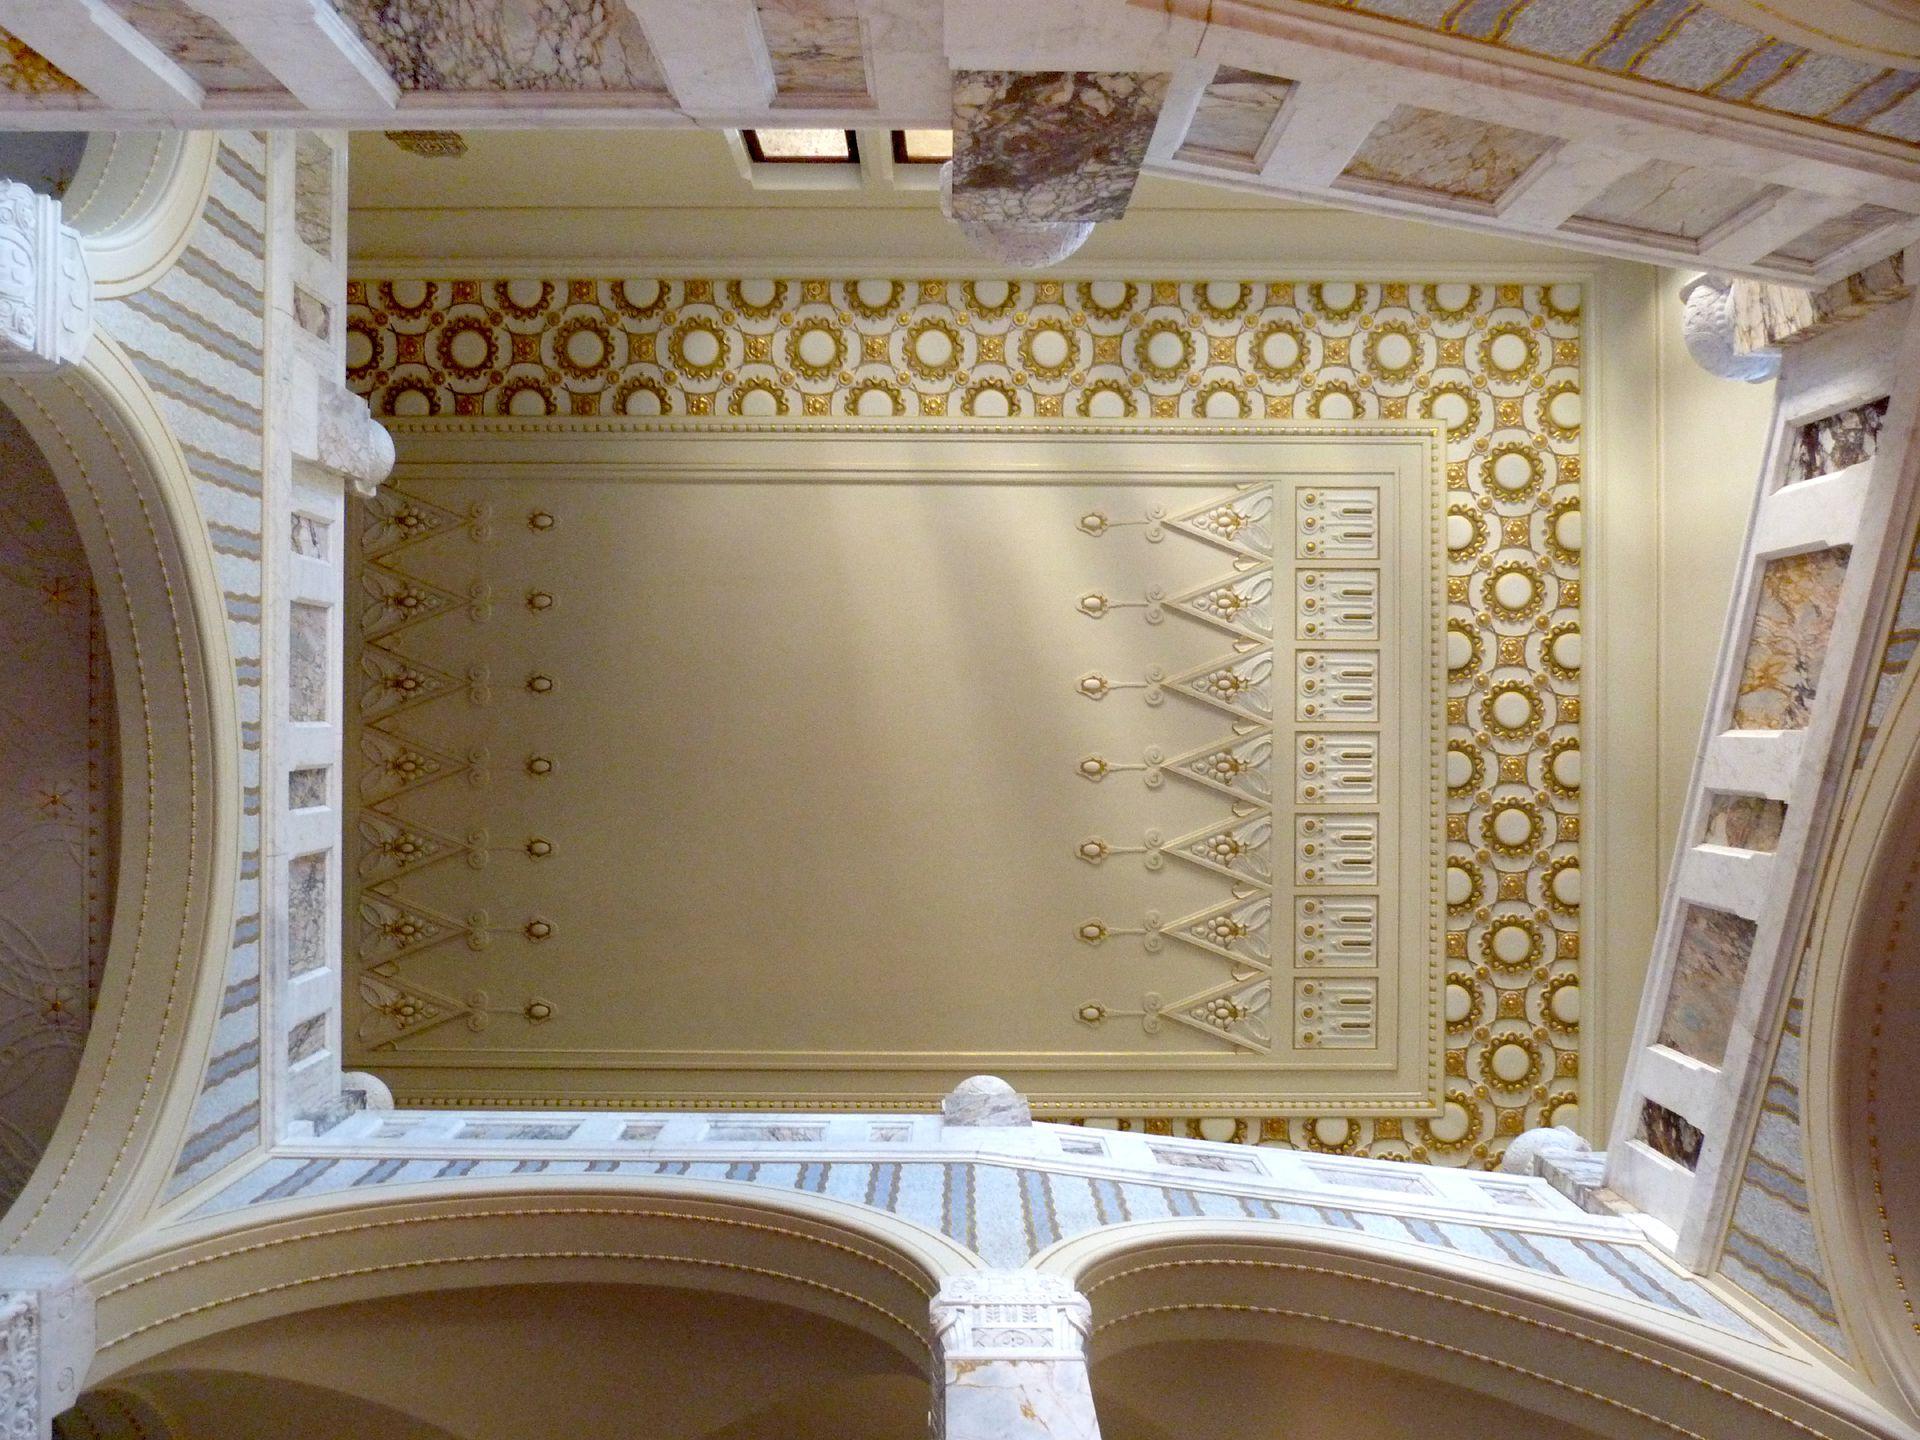 Castle Faber-Castell Jugendstil stair well, view upwards